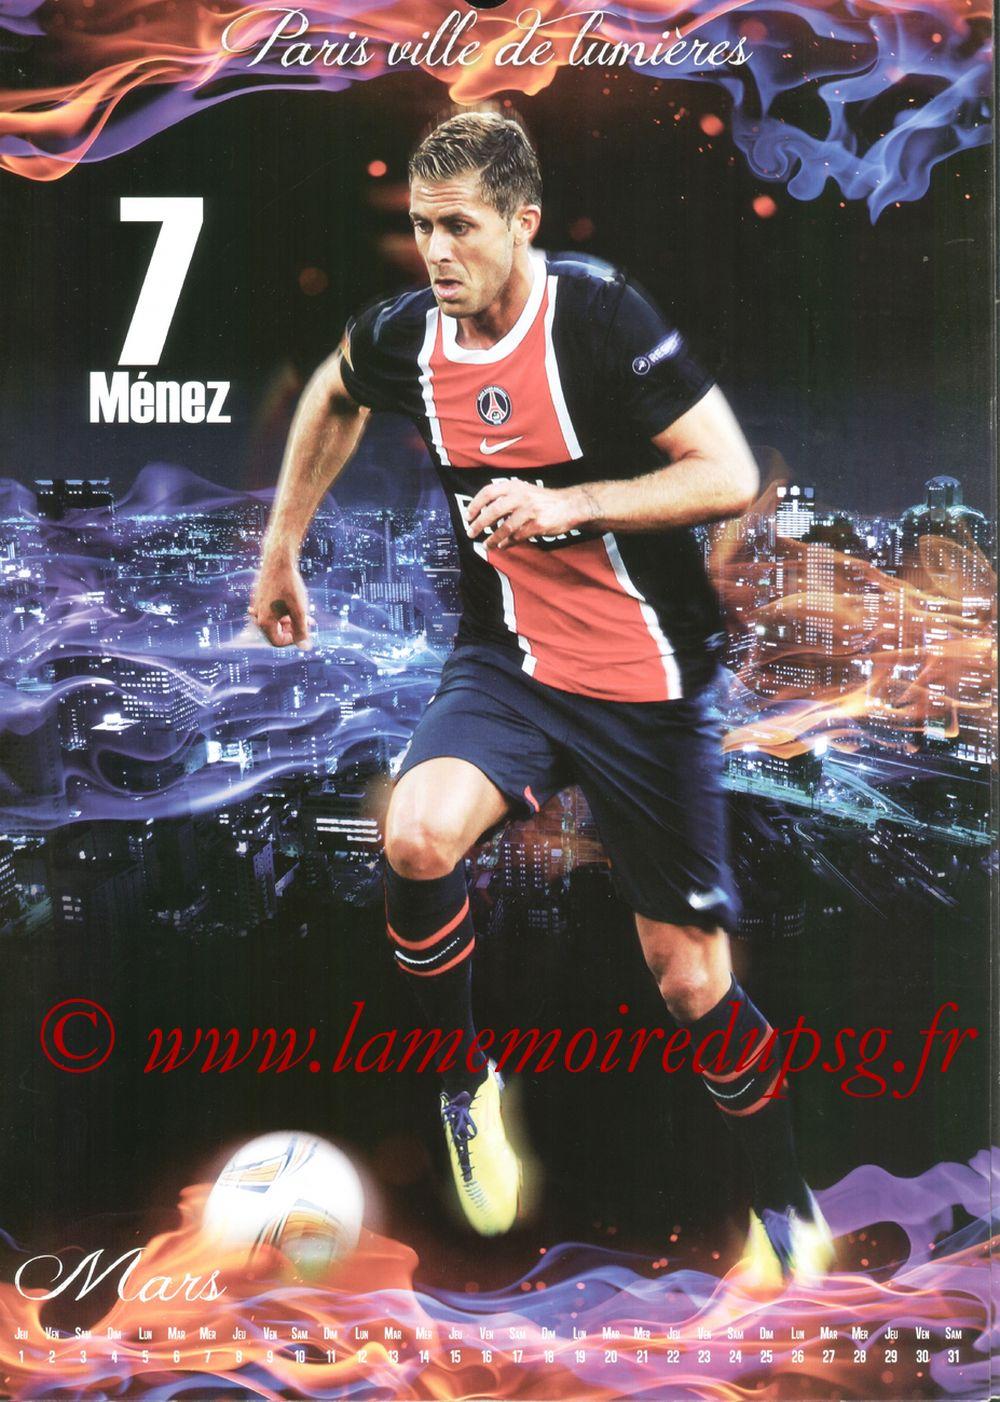 Calendrier PSG 2012bis - Page 03- Jérémy MENEZ